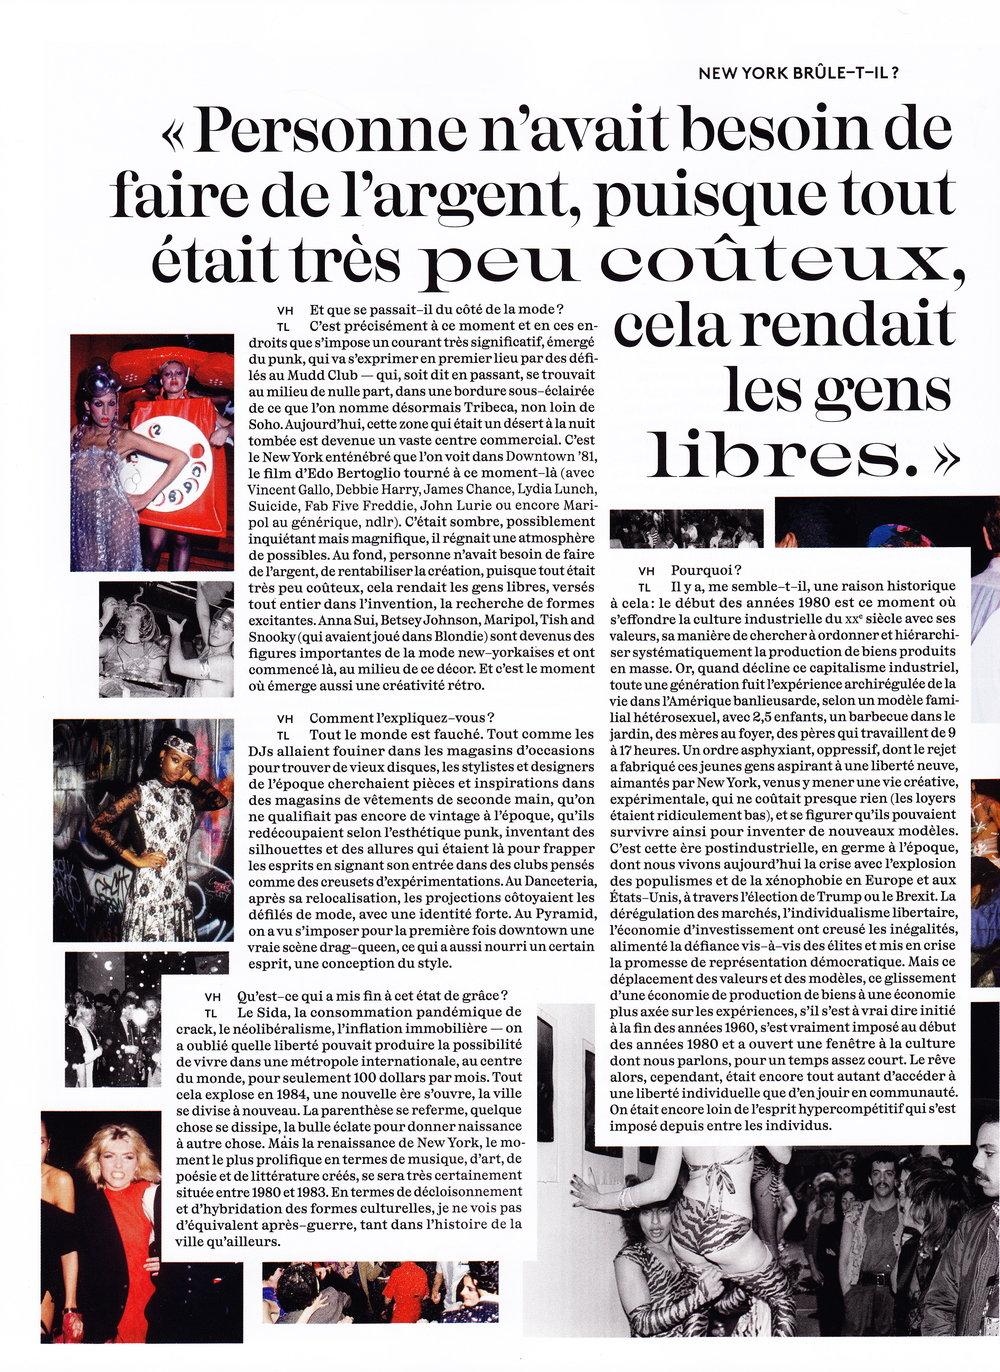 Vogue-5.jpg